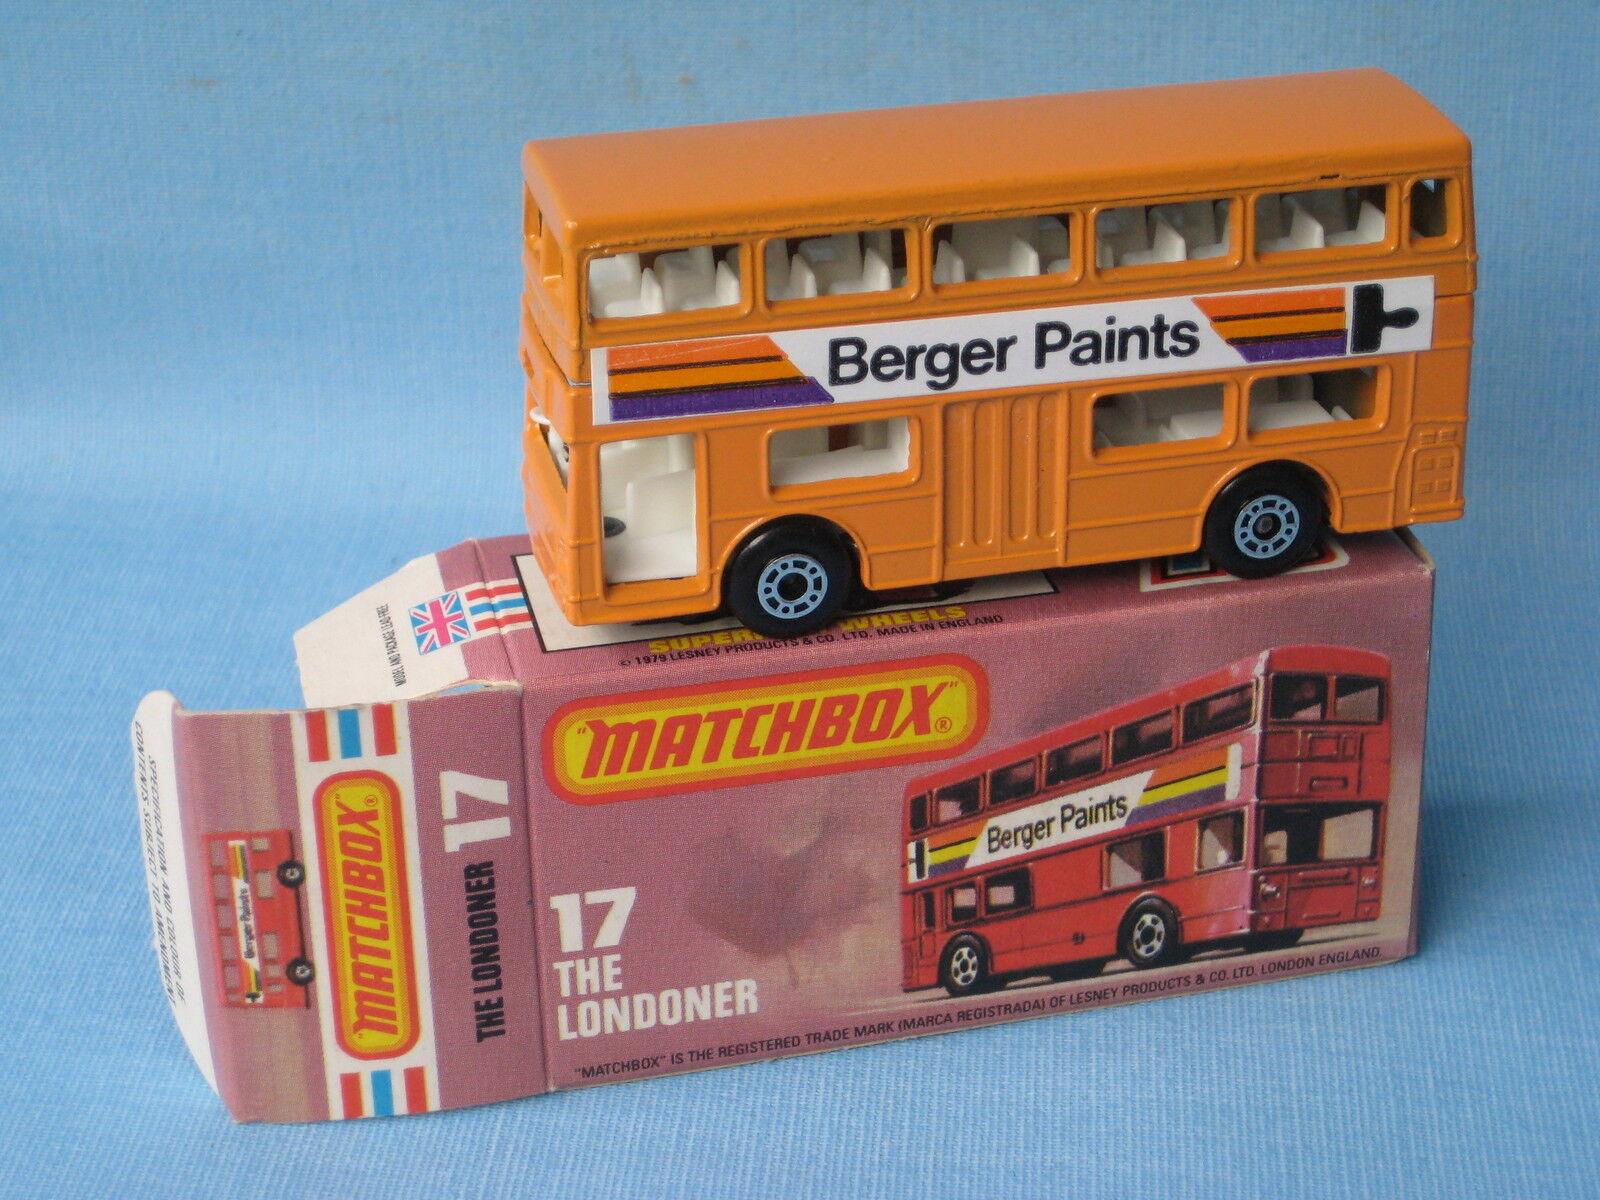 MatchBox SF-17 Londoner bus Berger Paints Orange Körper RARE Boxed